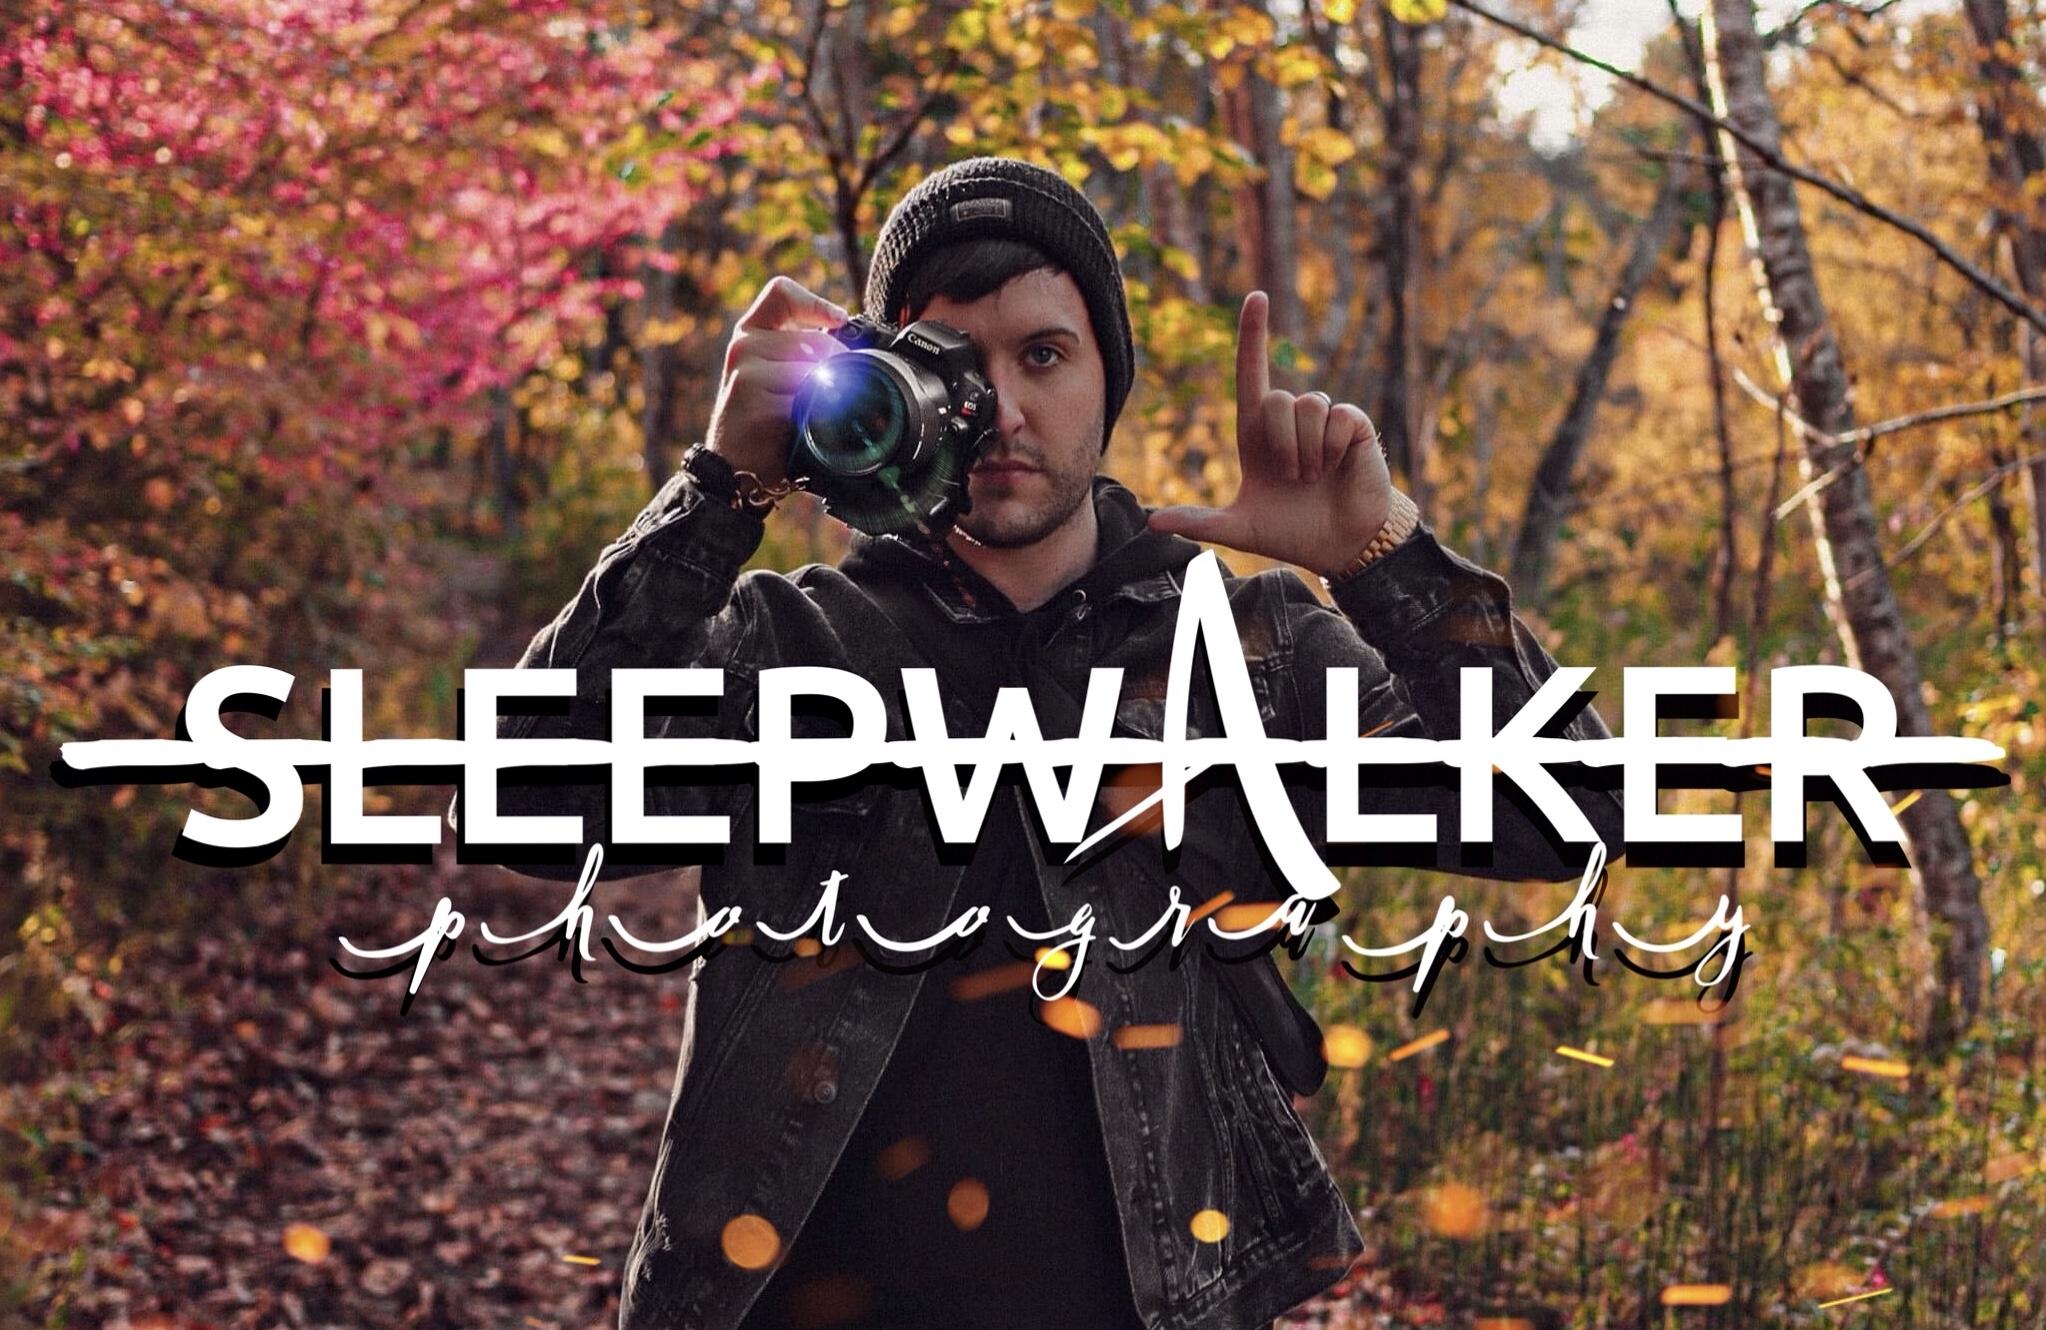 sleepwalkerphoto